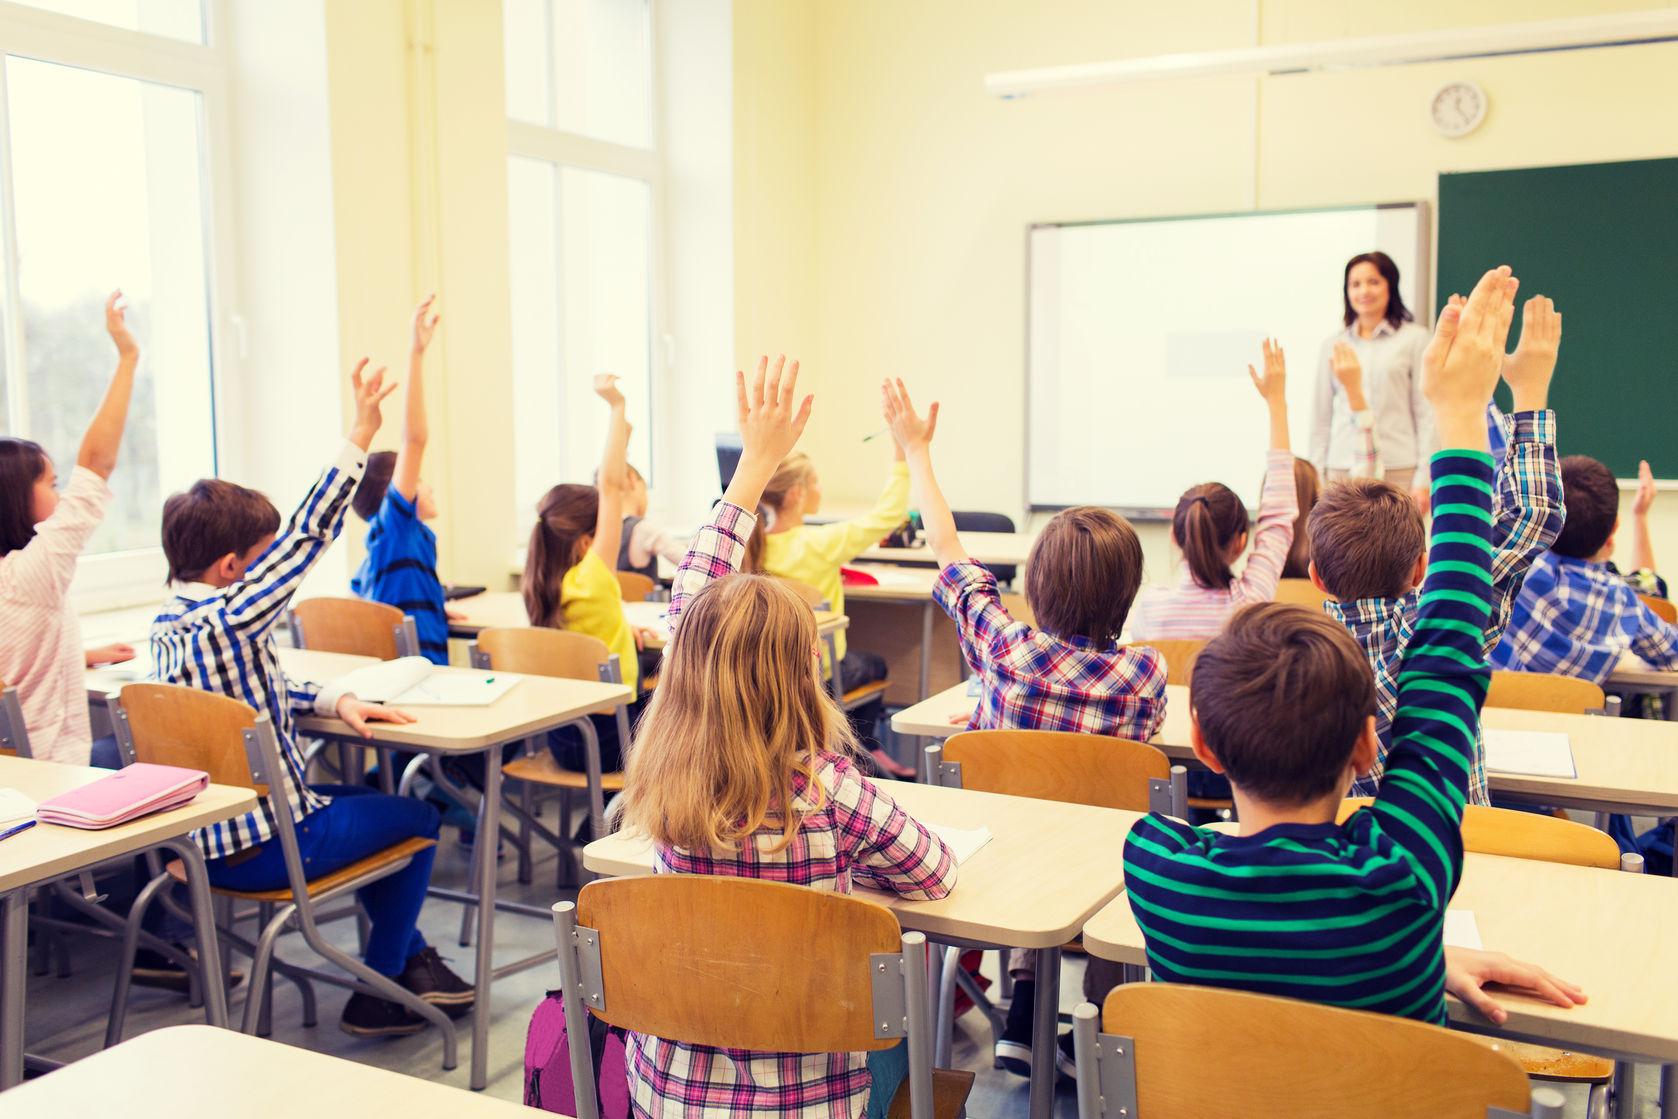 أدوار معلمة العوق السمعي في معاهد وبرامج الدمج